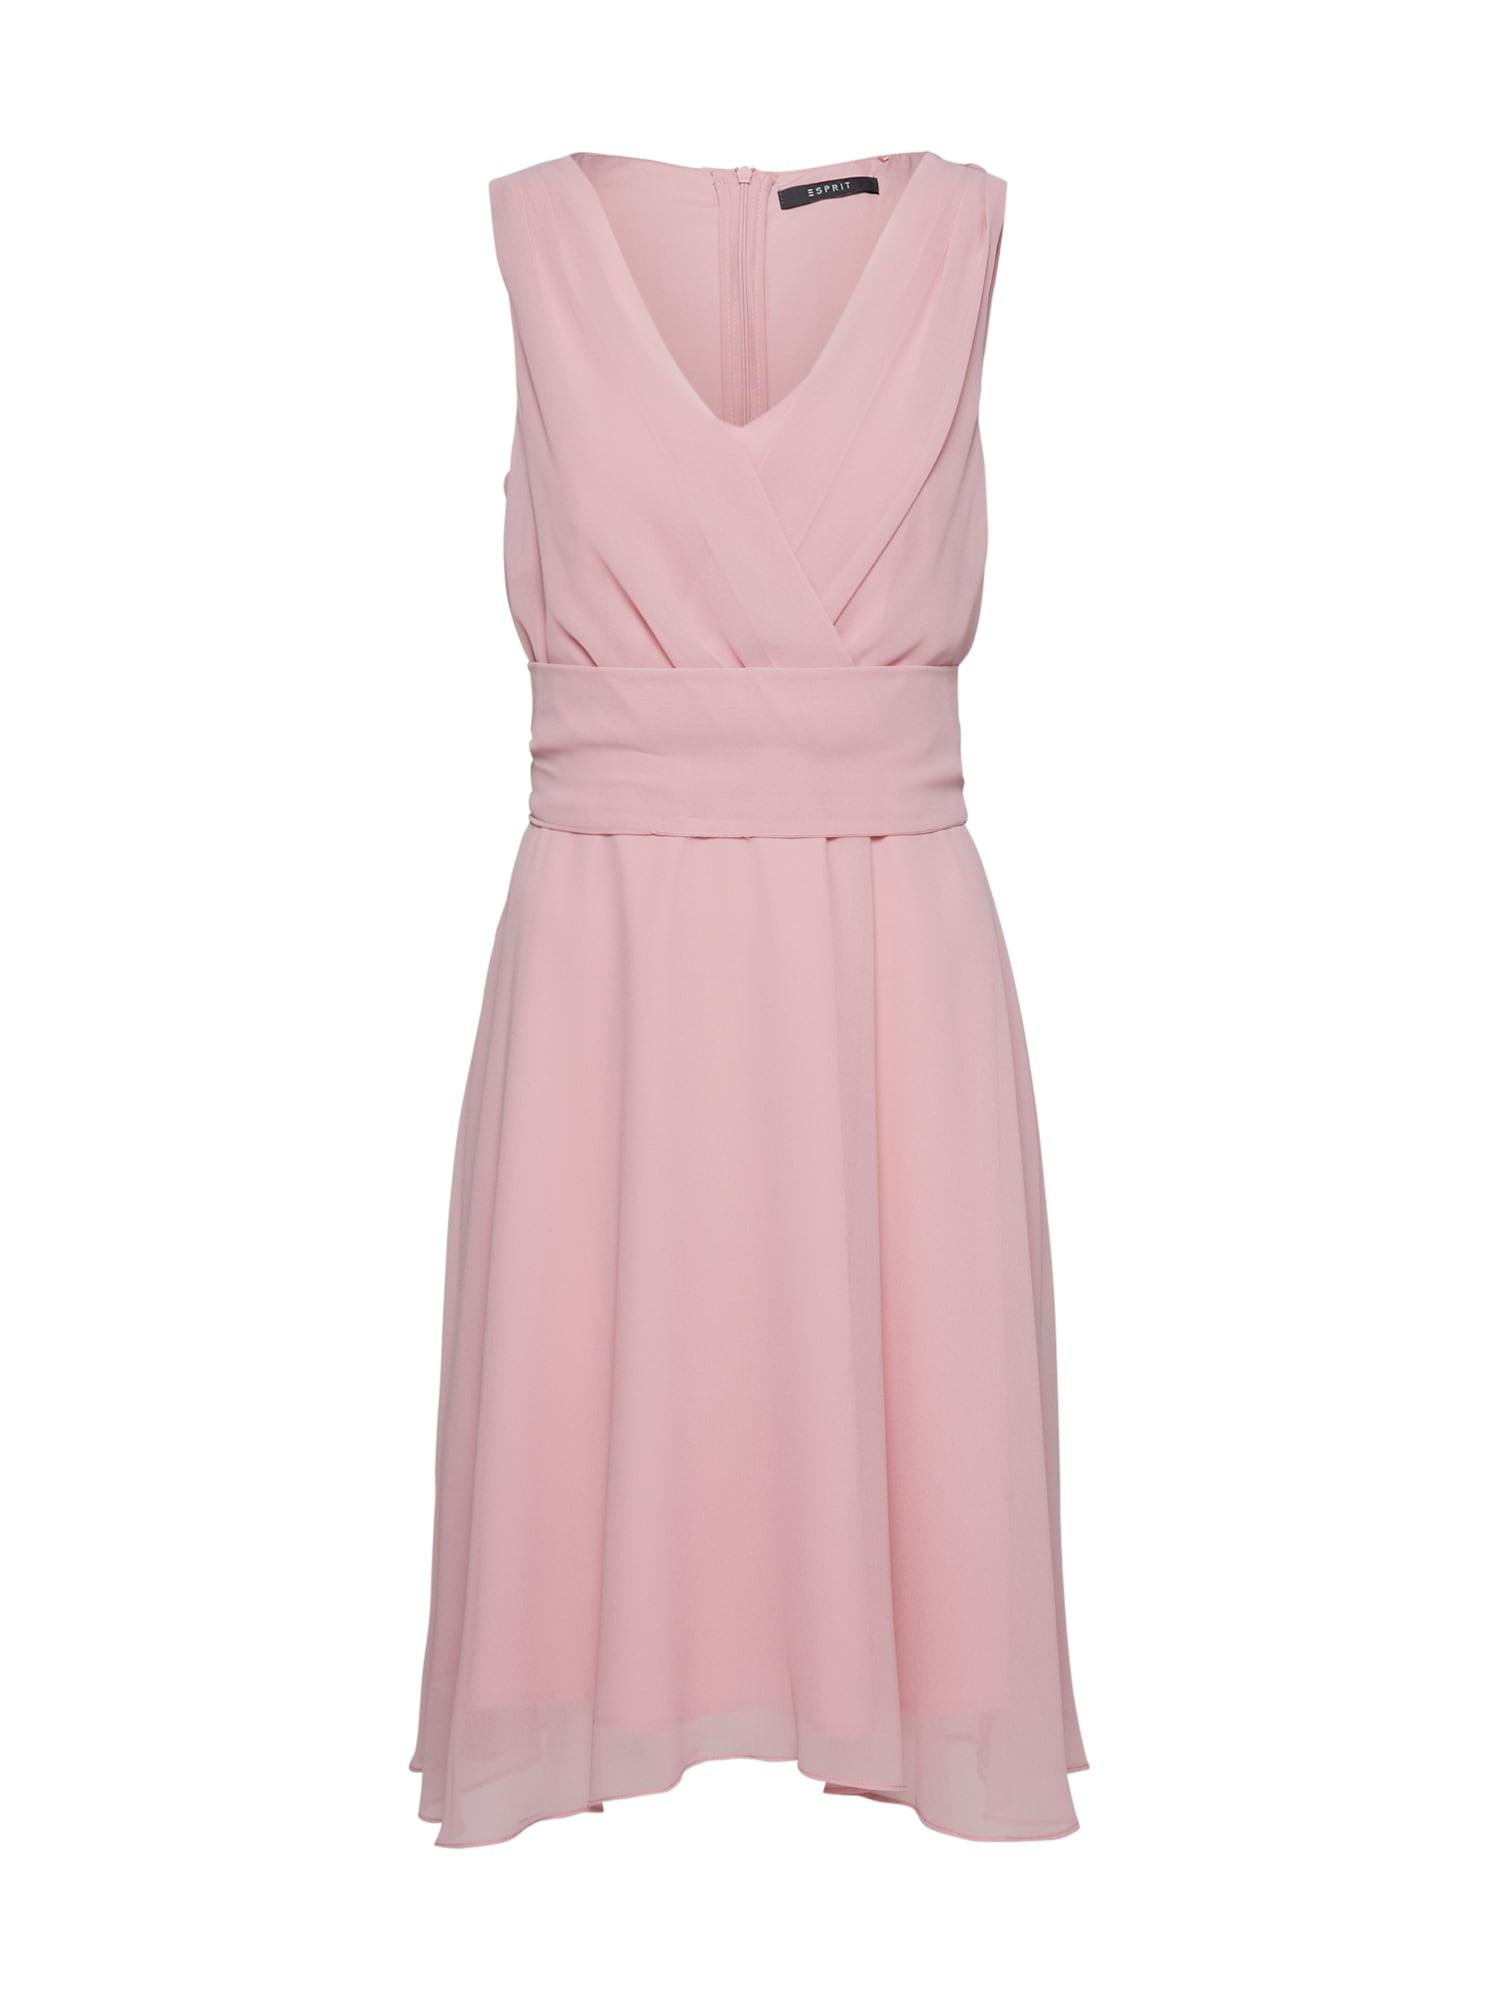 Koktejlové šaty New Fluid Chiff Dresses light woven růžová Esprit Collection